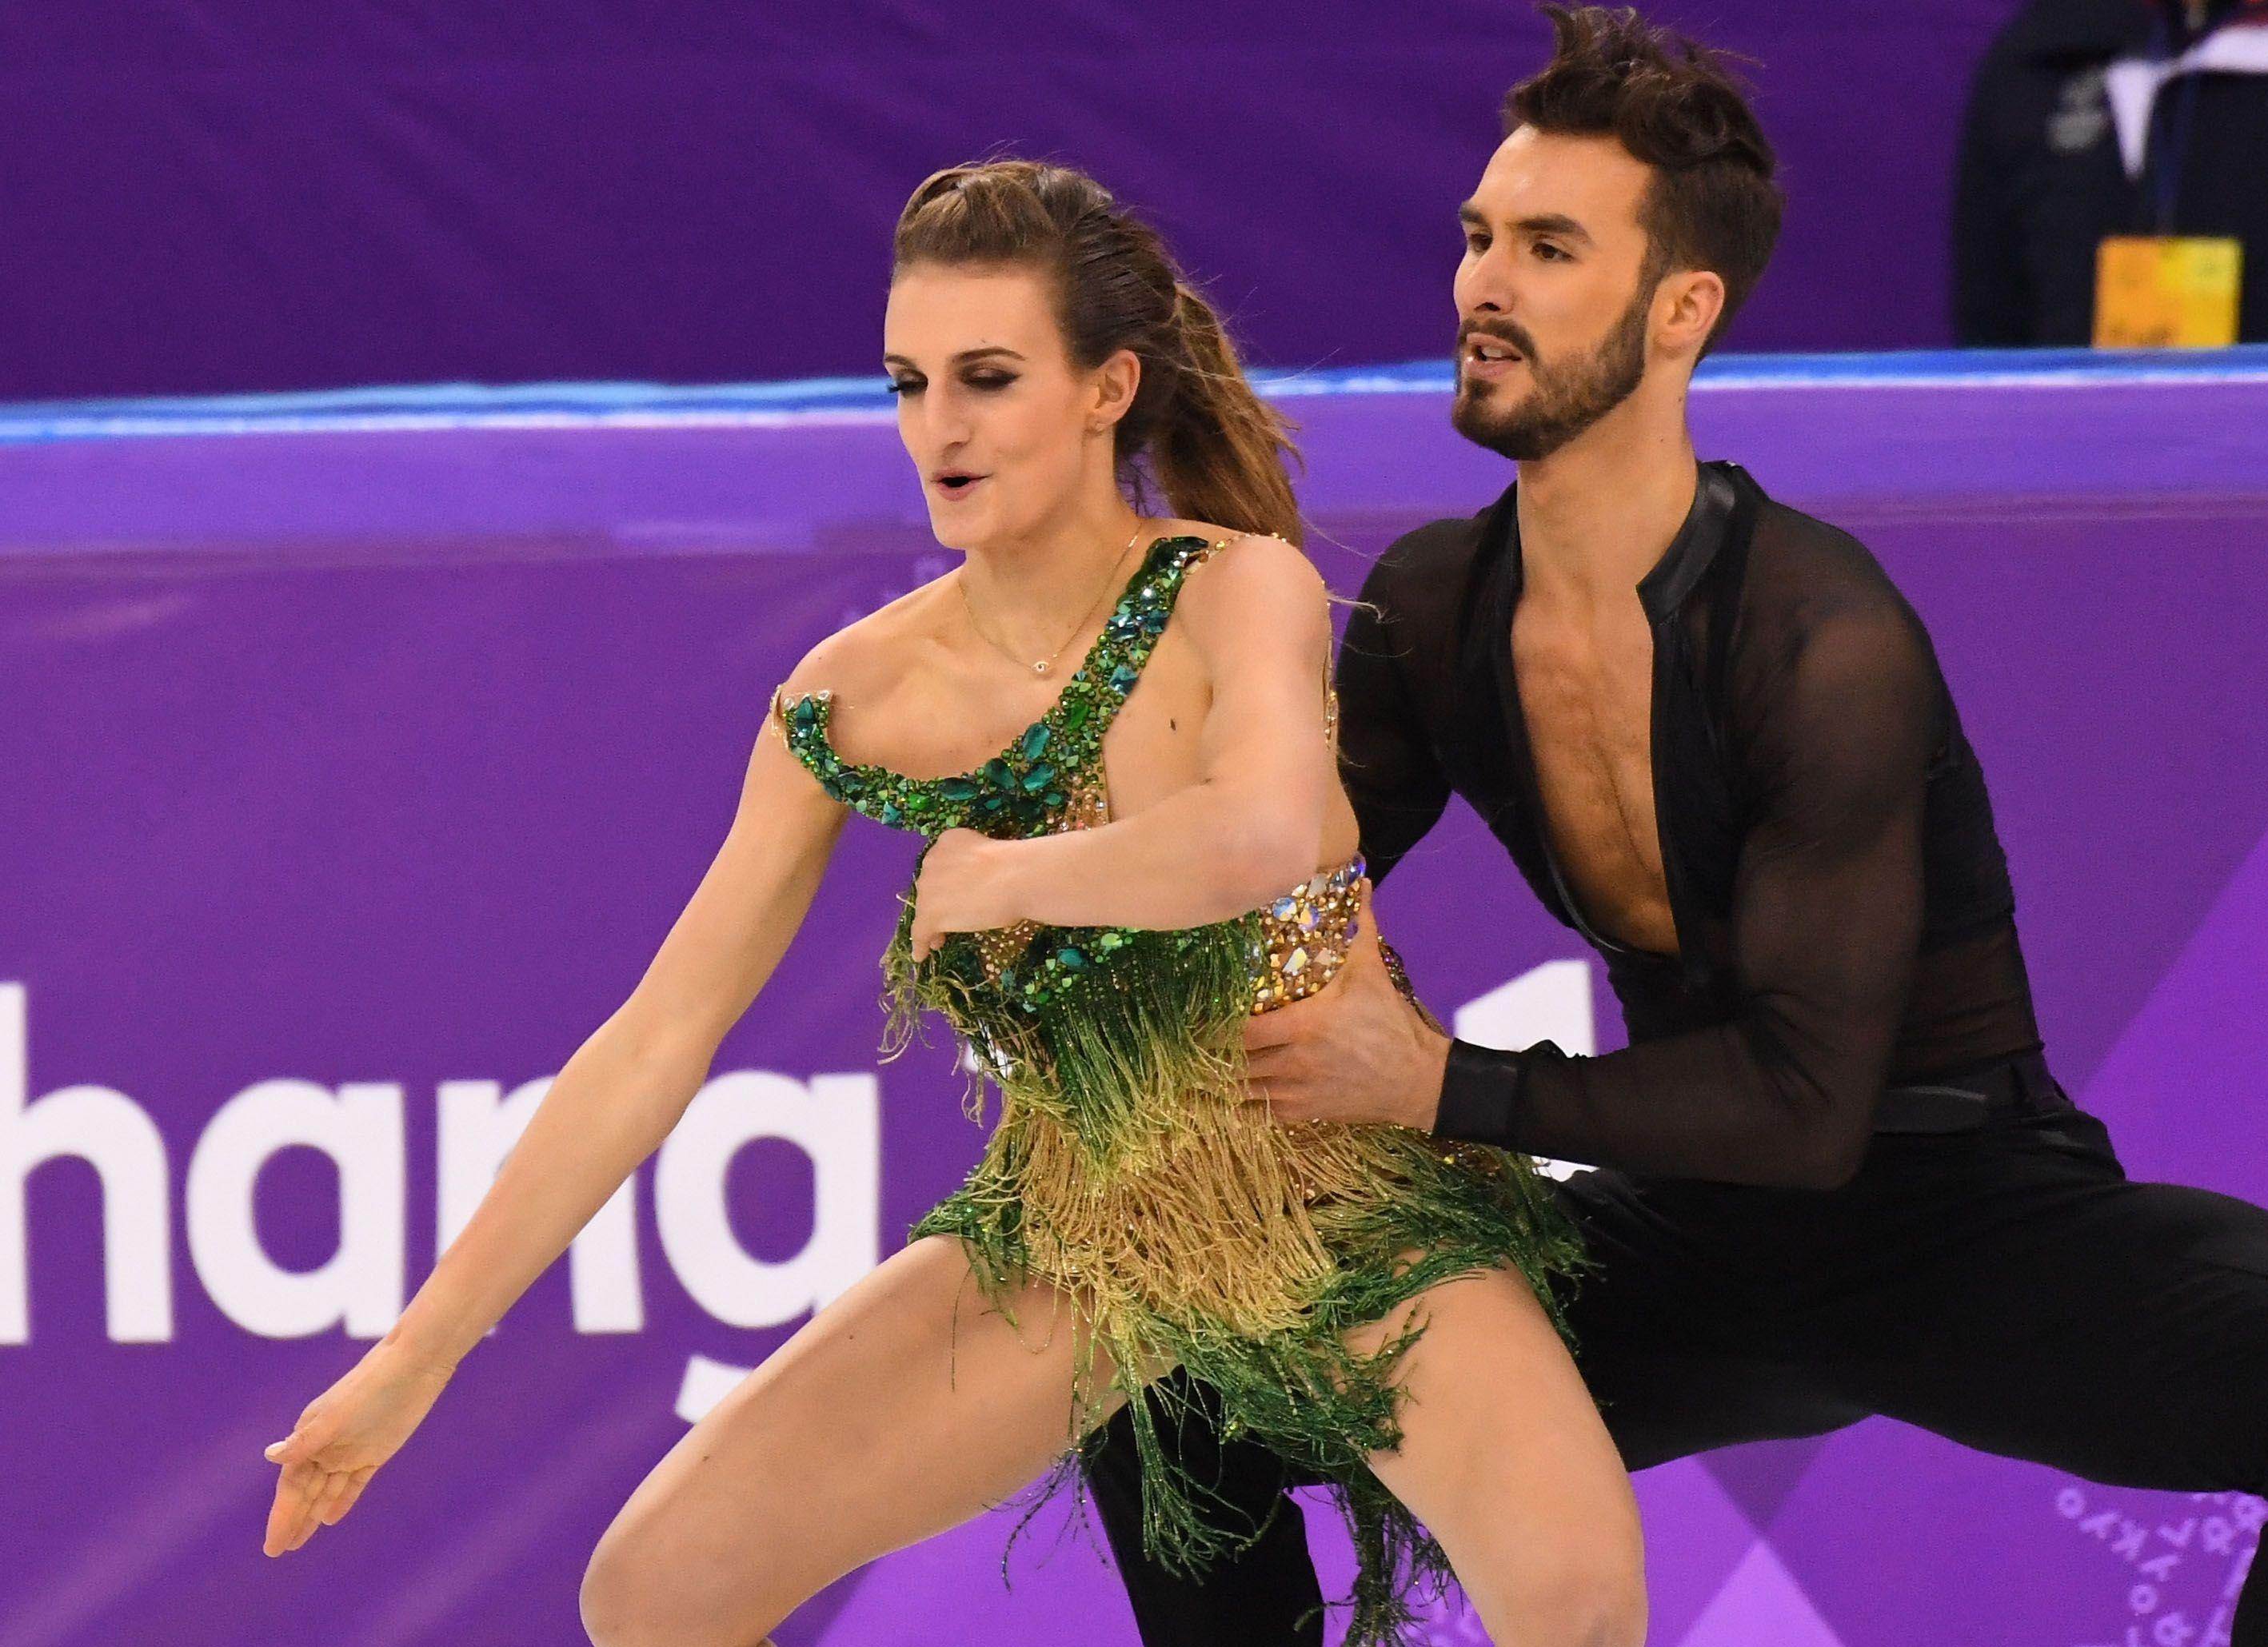 aux JO de Pyeongchang, cette patineuse montre un sein (sans le vouloir) !